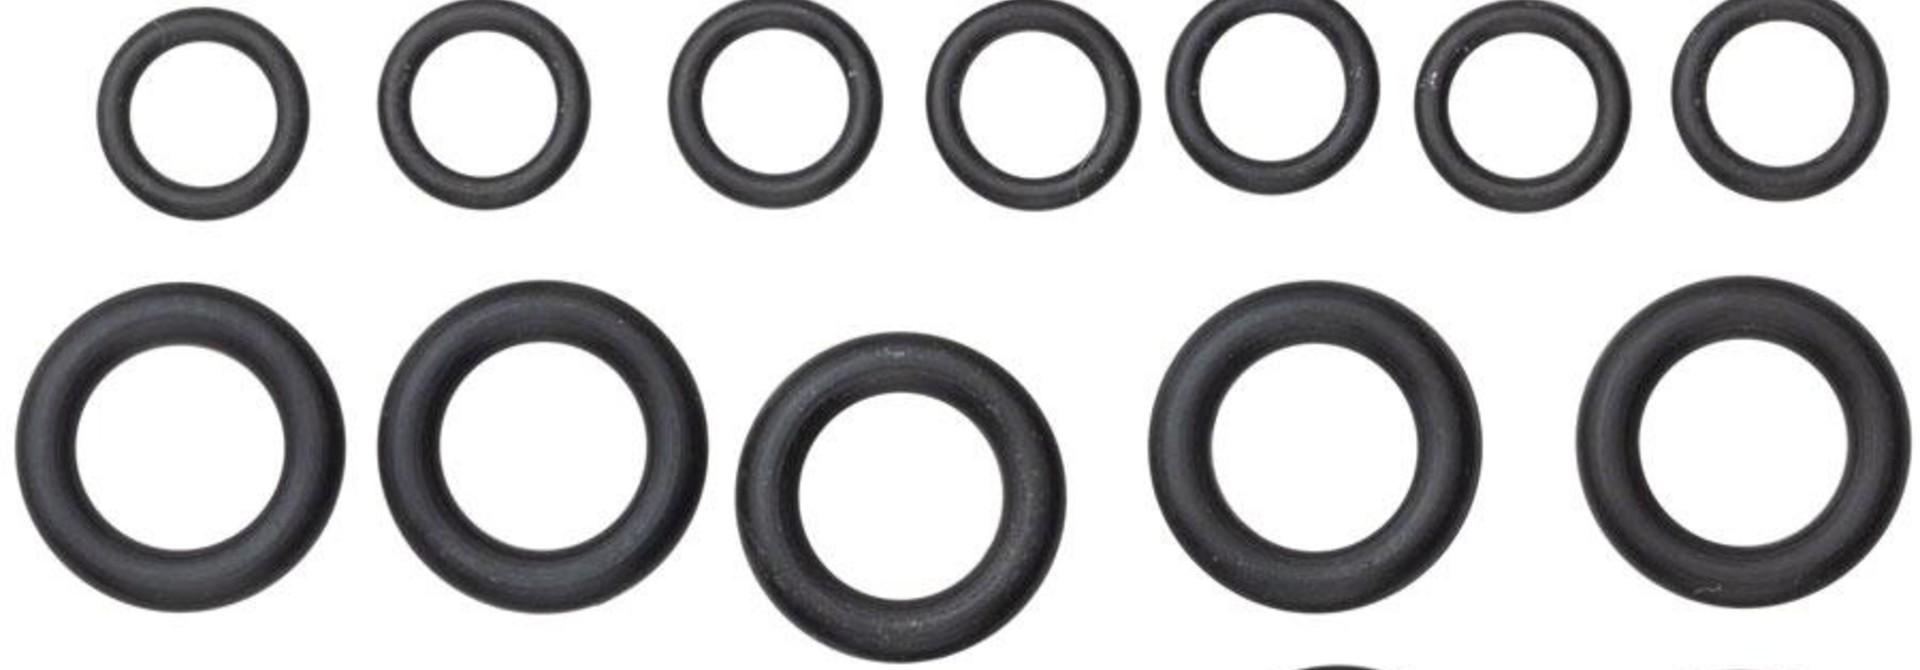 SRAM, Pro Bleed Syringe - O-ring Kit, Fitting O-ring, Coupling O-rings & Bleeding Edge O-rings - Qty 10 each, Kit